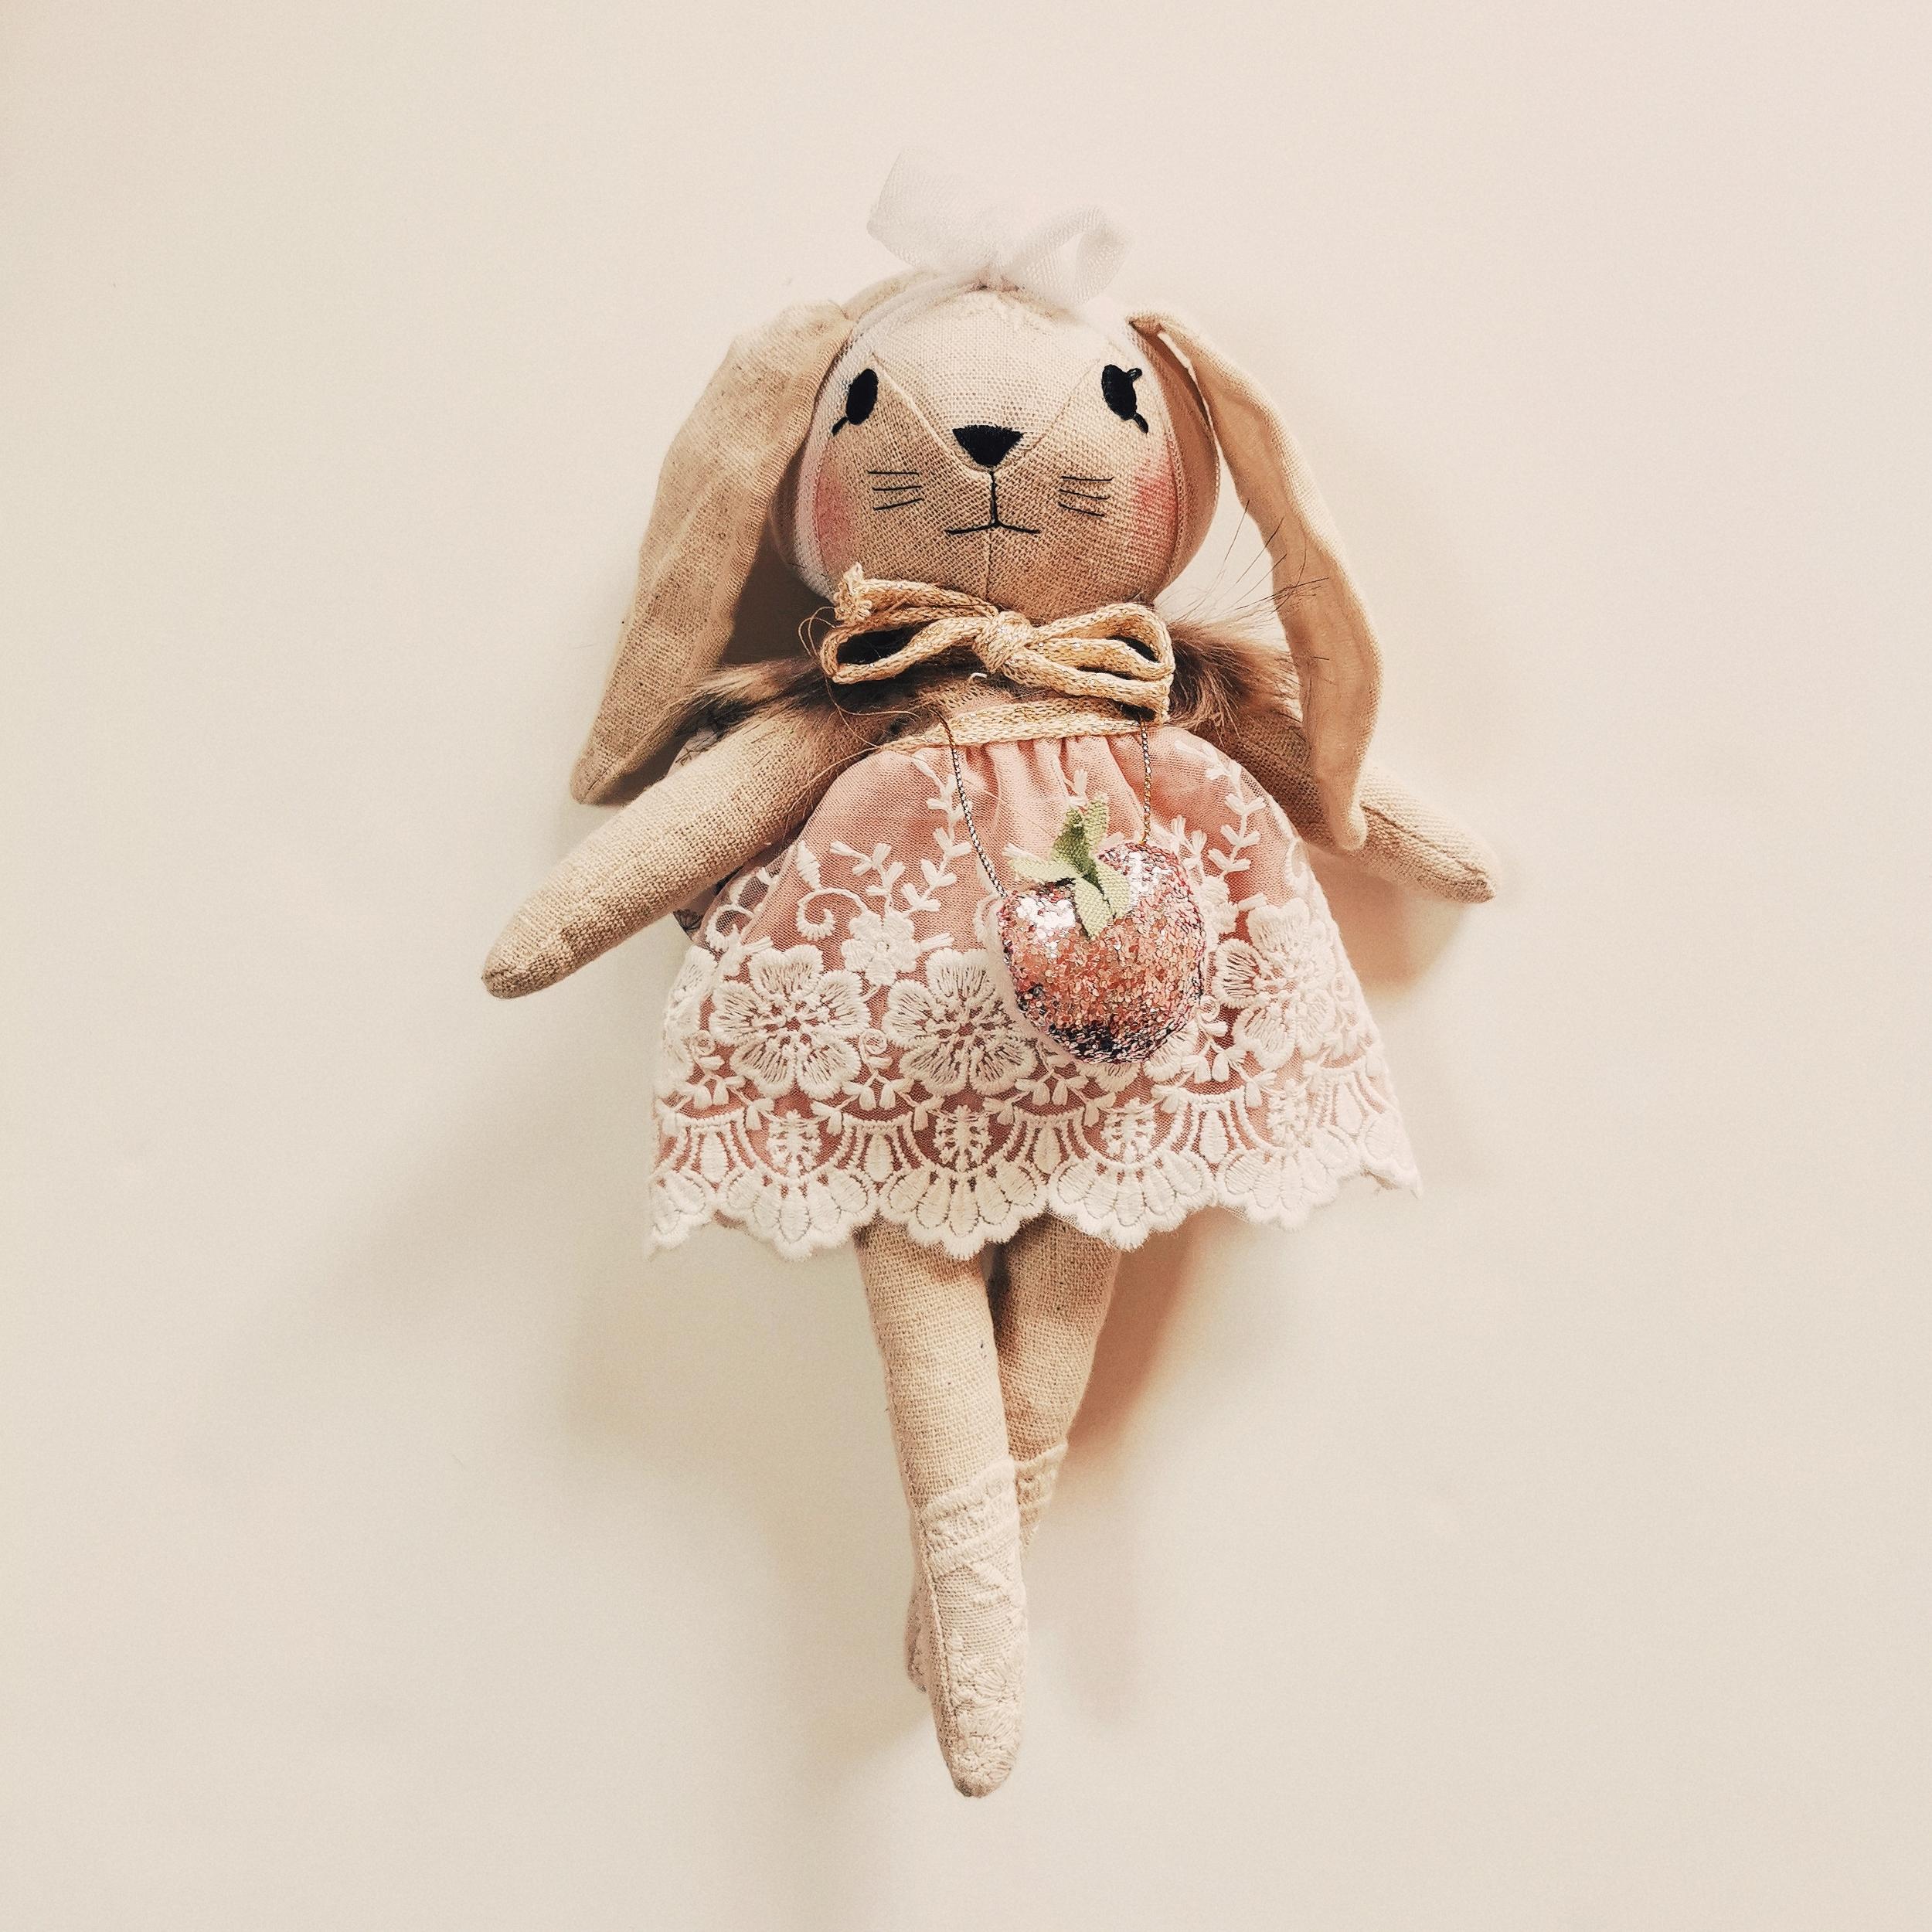 Poupée doudou lapin en robe dentelle mauve